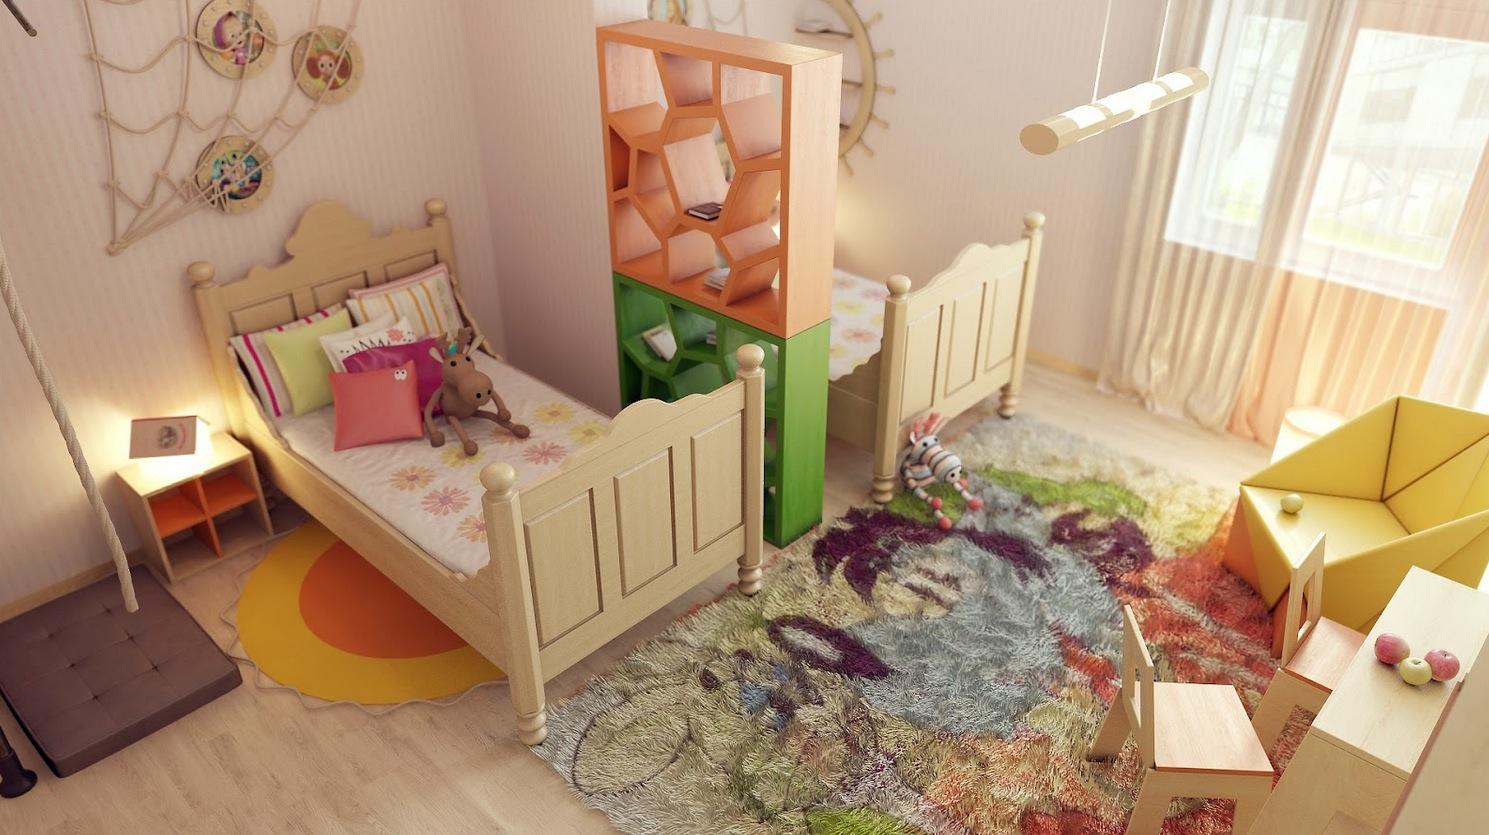 Небольшая, красочная, сквозная перегородка не только отграничит разные зоны в комнате, но и пригодится для складывания книг